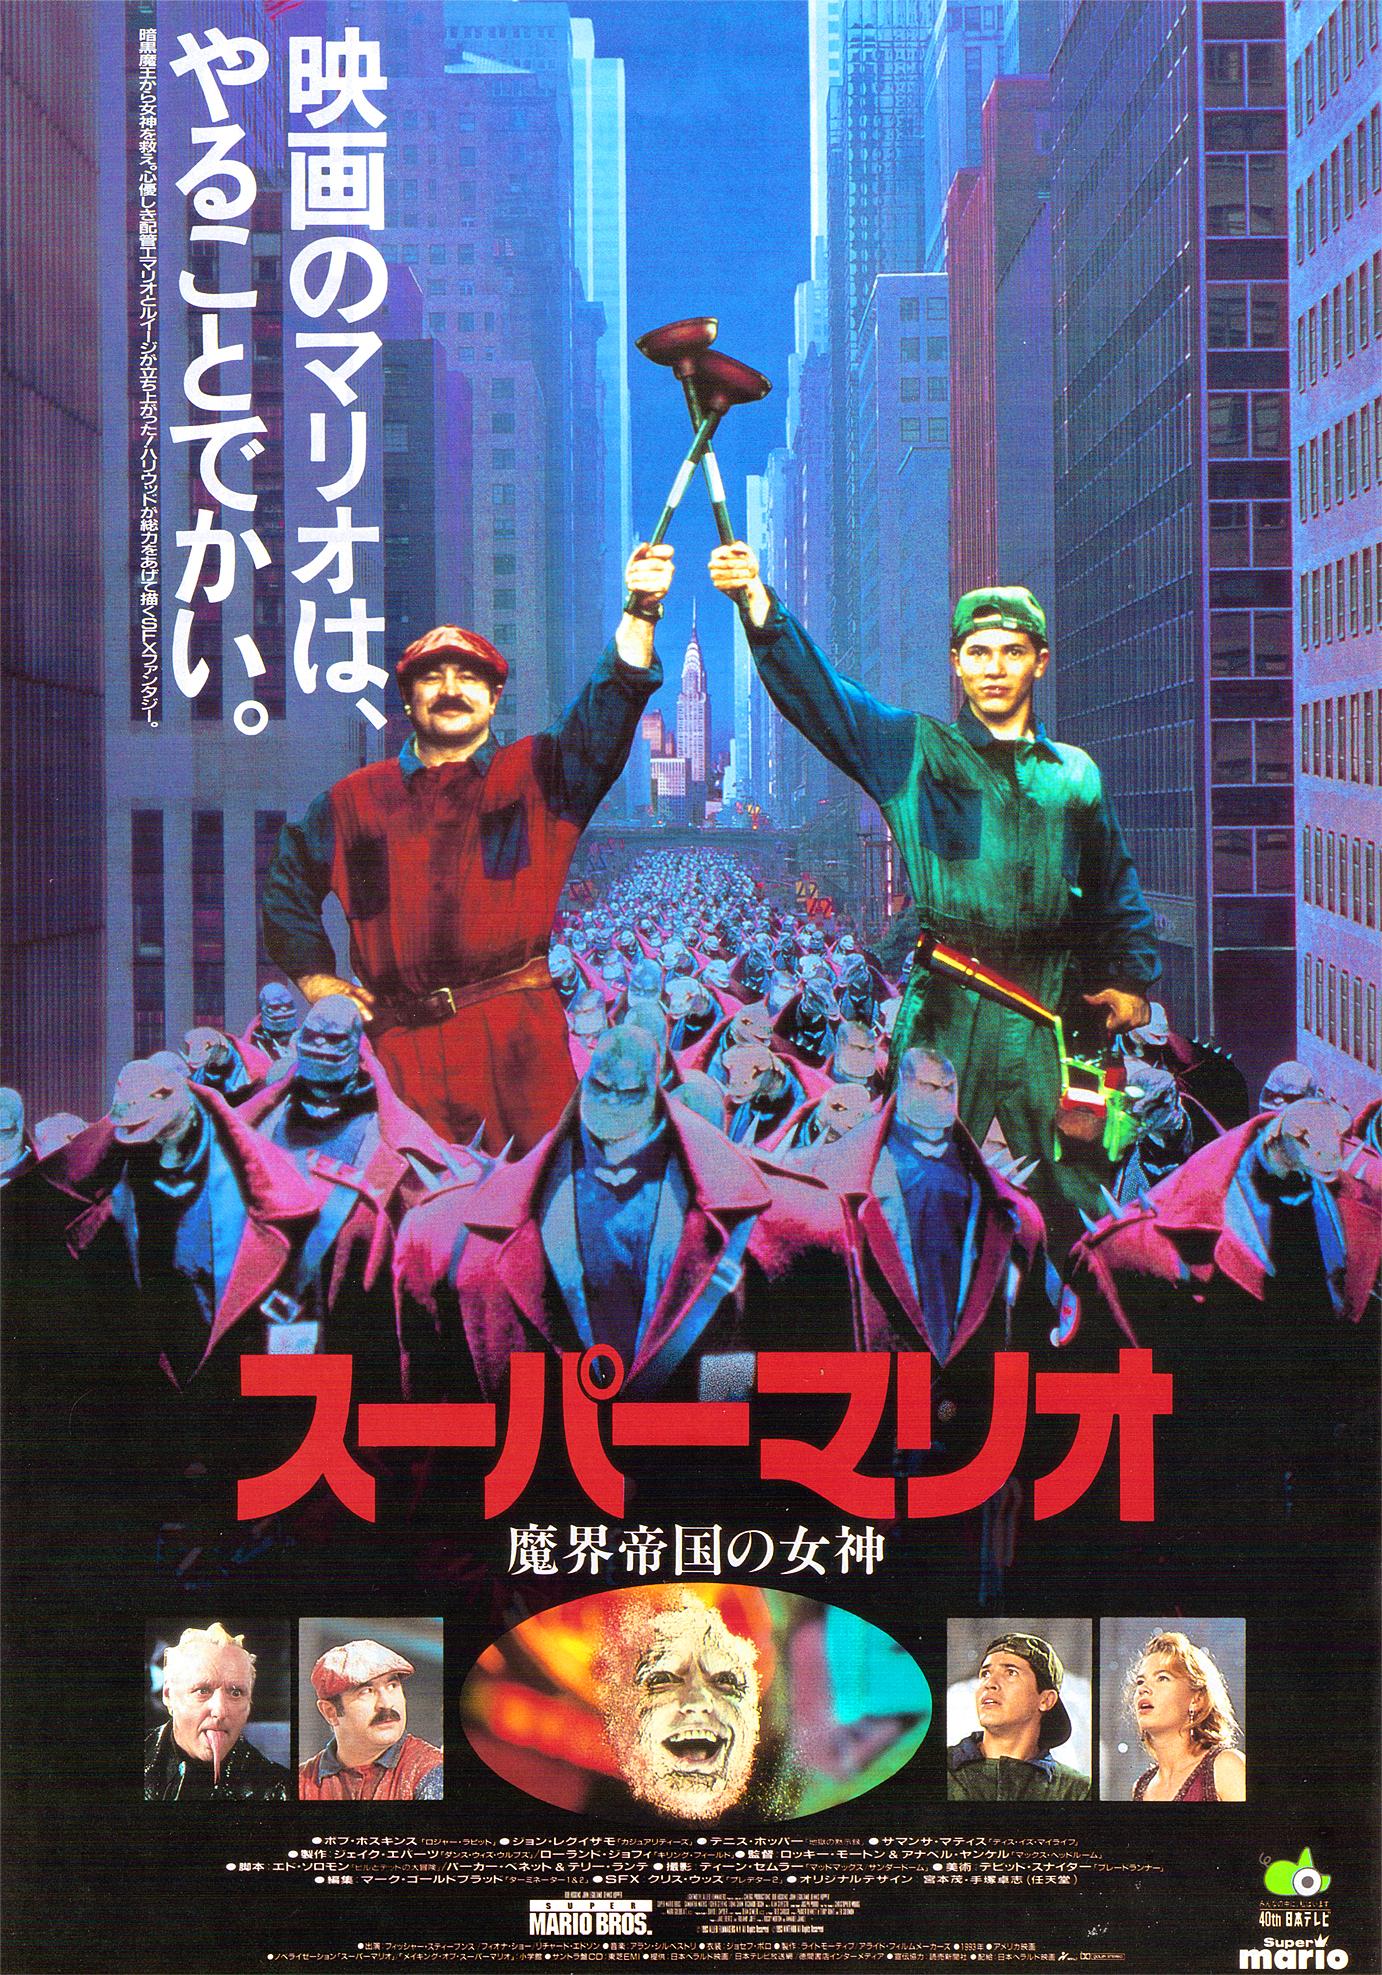 The Super Film